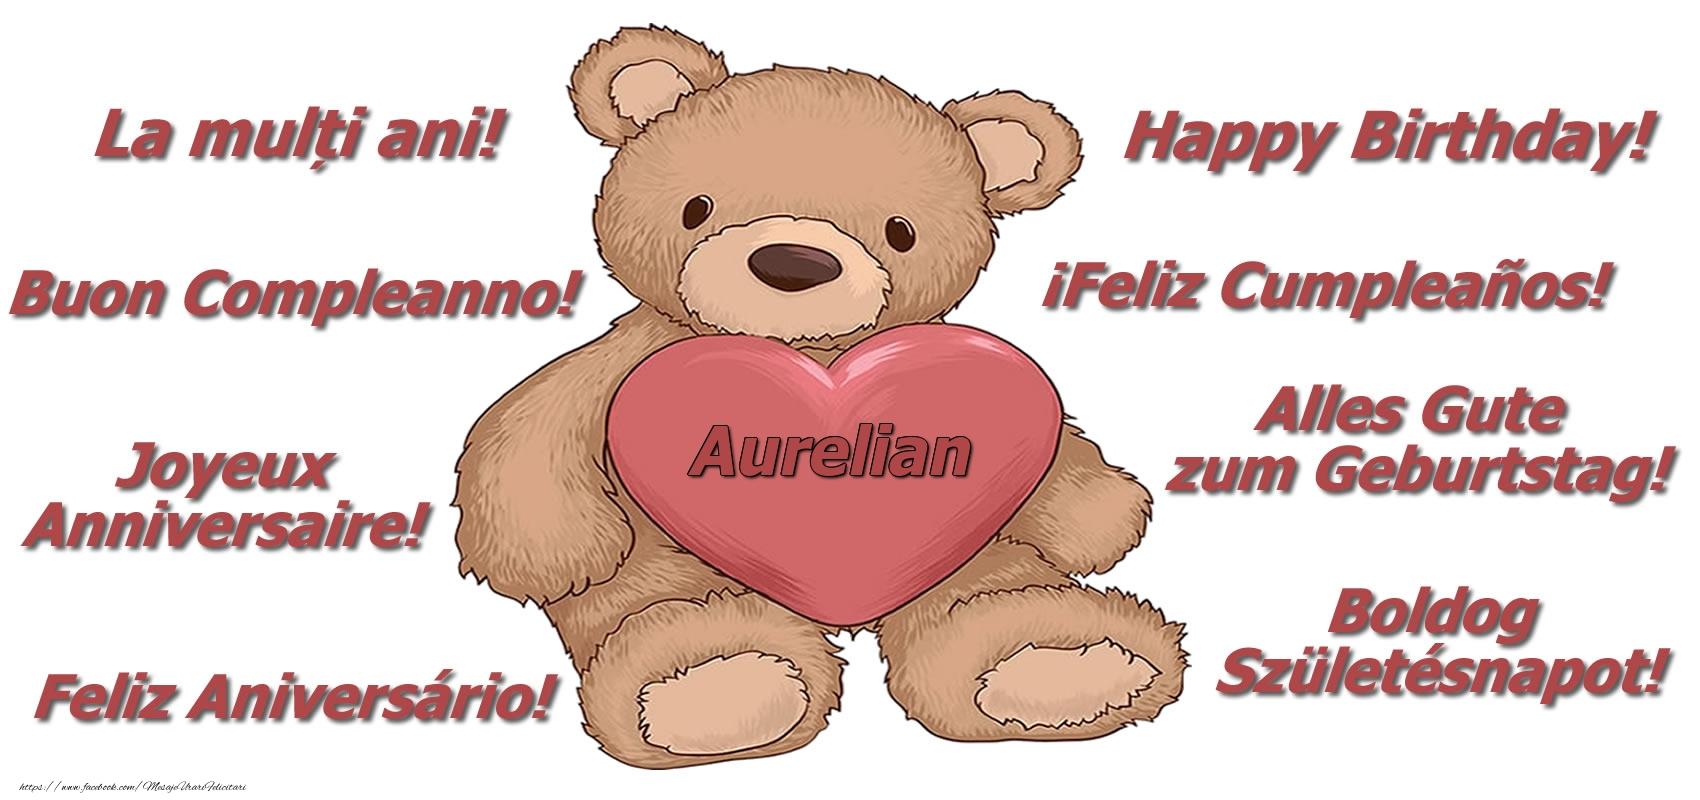 Felicitari de zi de nastere - La multi ani Aurelian! - Ursulet